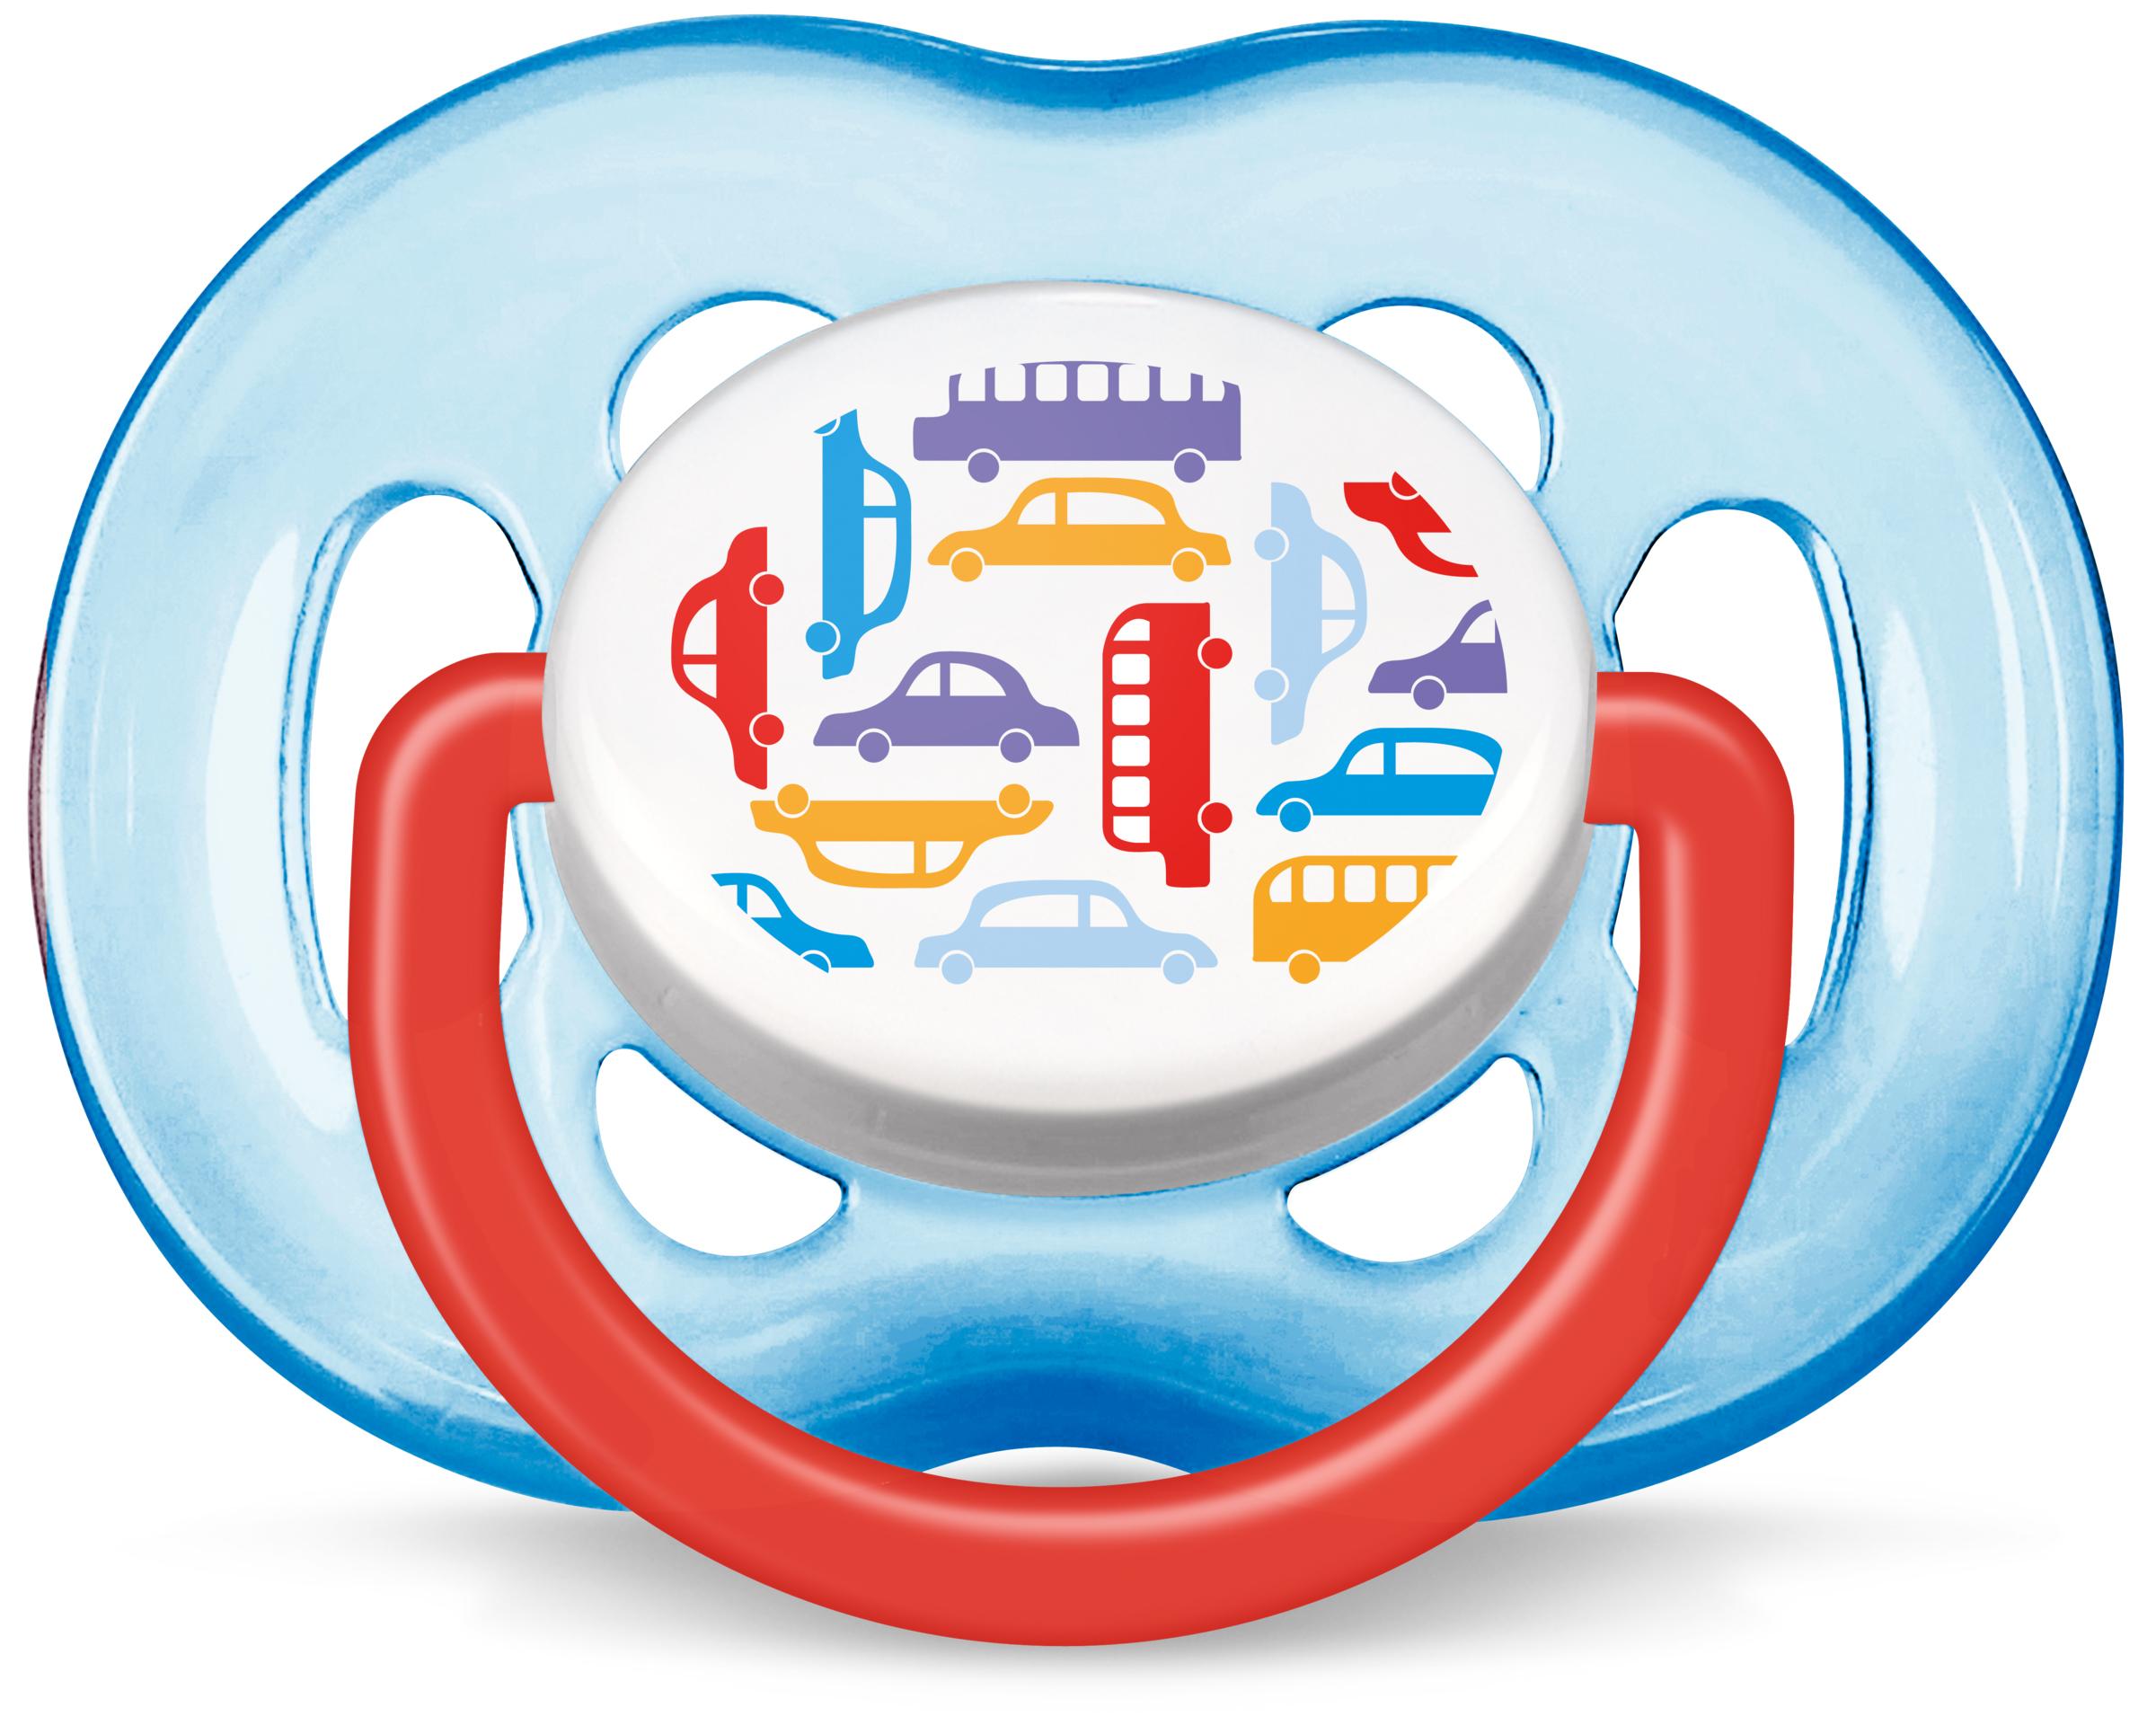 Пустышки Philips AVENT Freeflow силиконовая, ортодонтическая 6-18 мес. пустышки canpol силиконовая ортодонтическая 6 18 мес 22 501